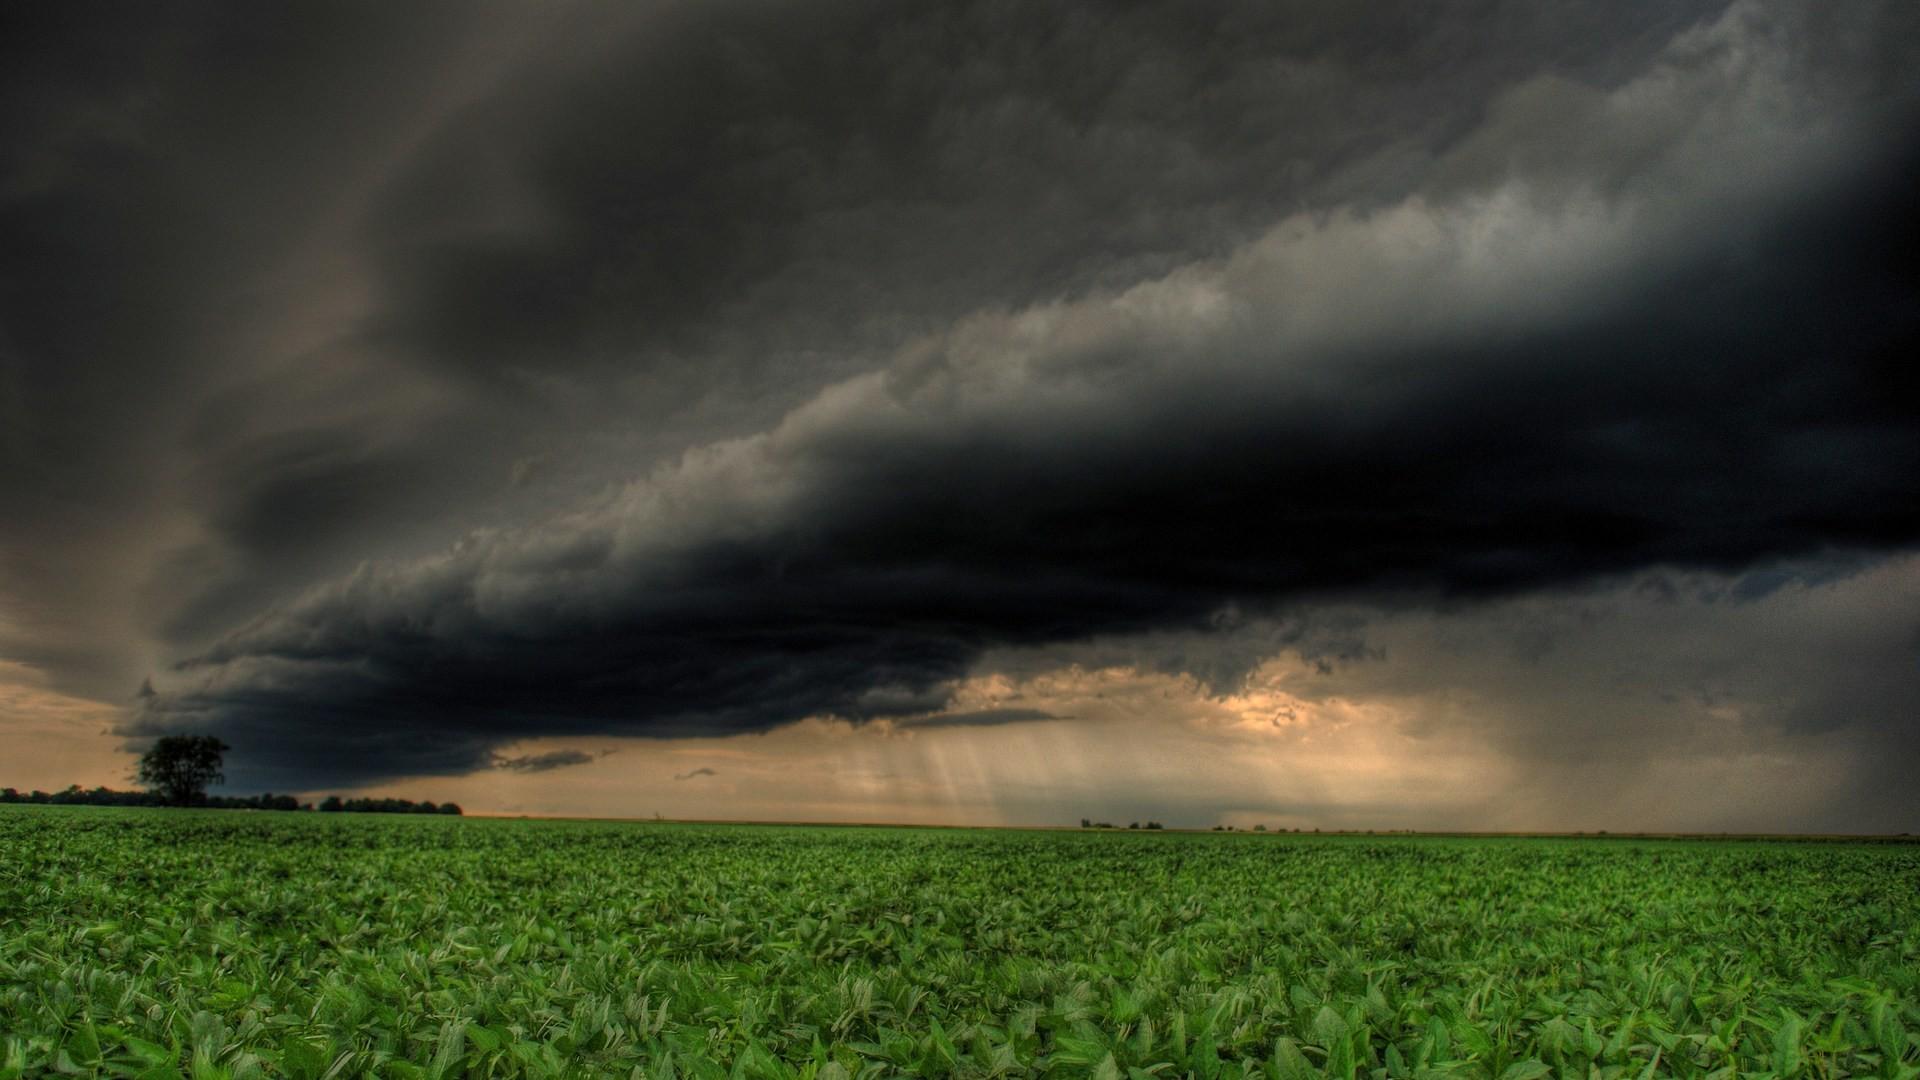 Clouds storm rain field wallpaper HD.